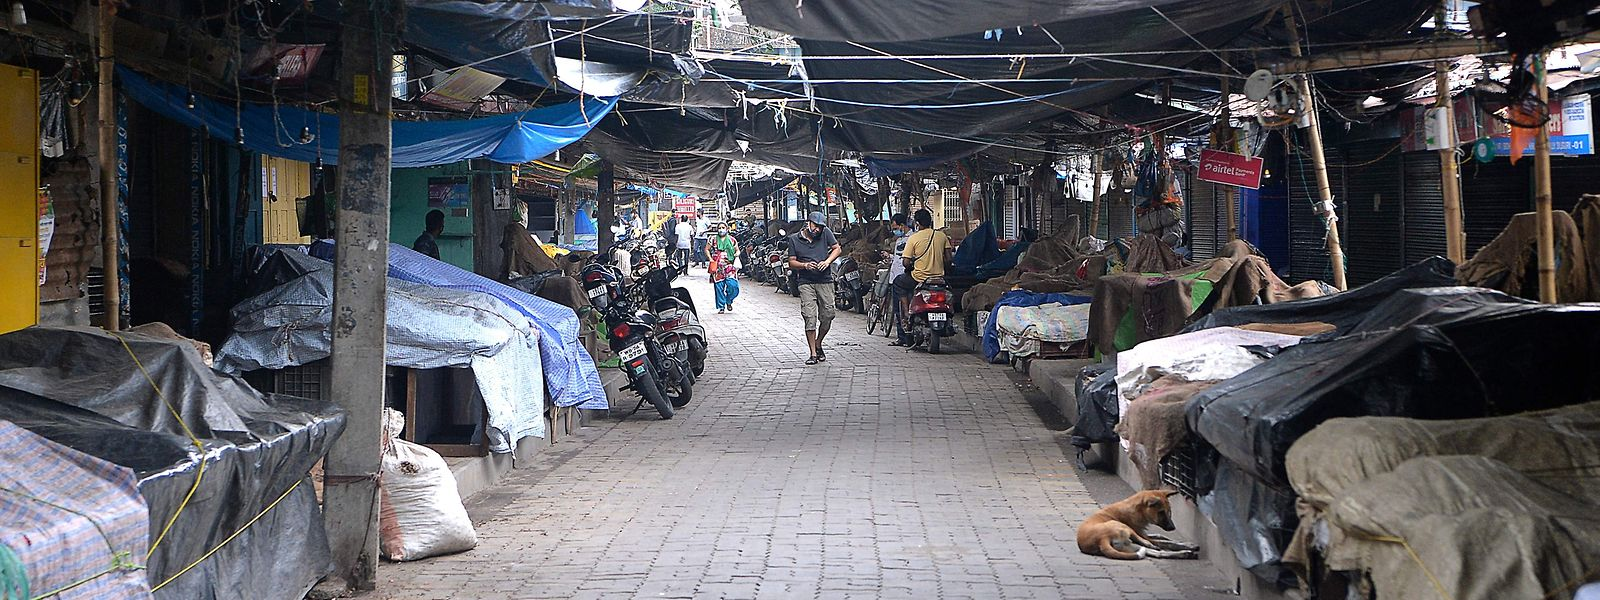 Mercado semi-deserto em Siliguri após ter sido decretado um lockdown nesta cidade para conter a propagação do vírus responsável pela covid-19.